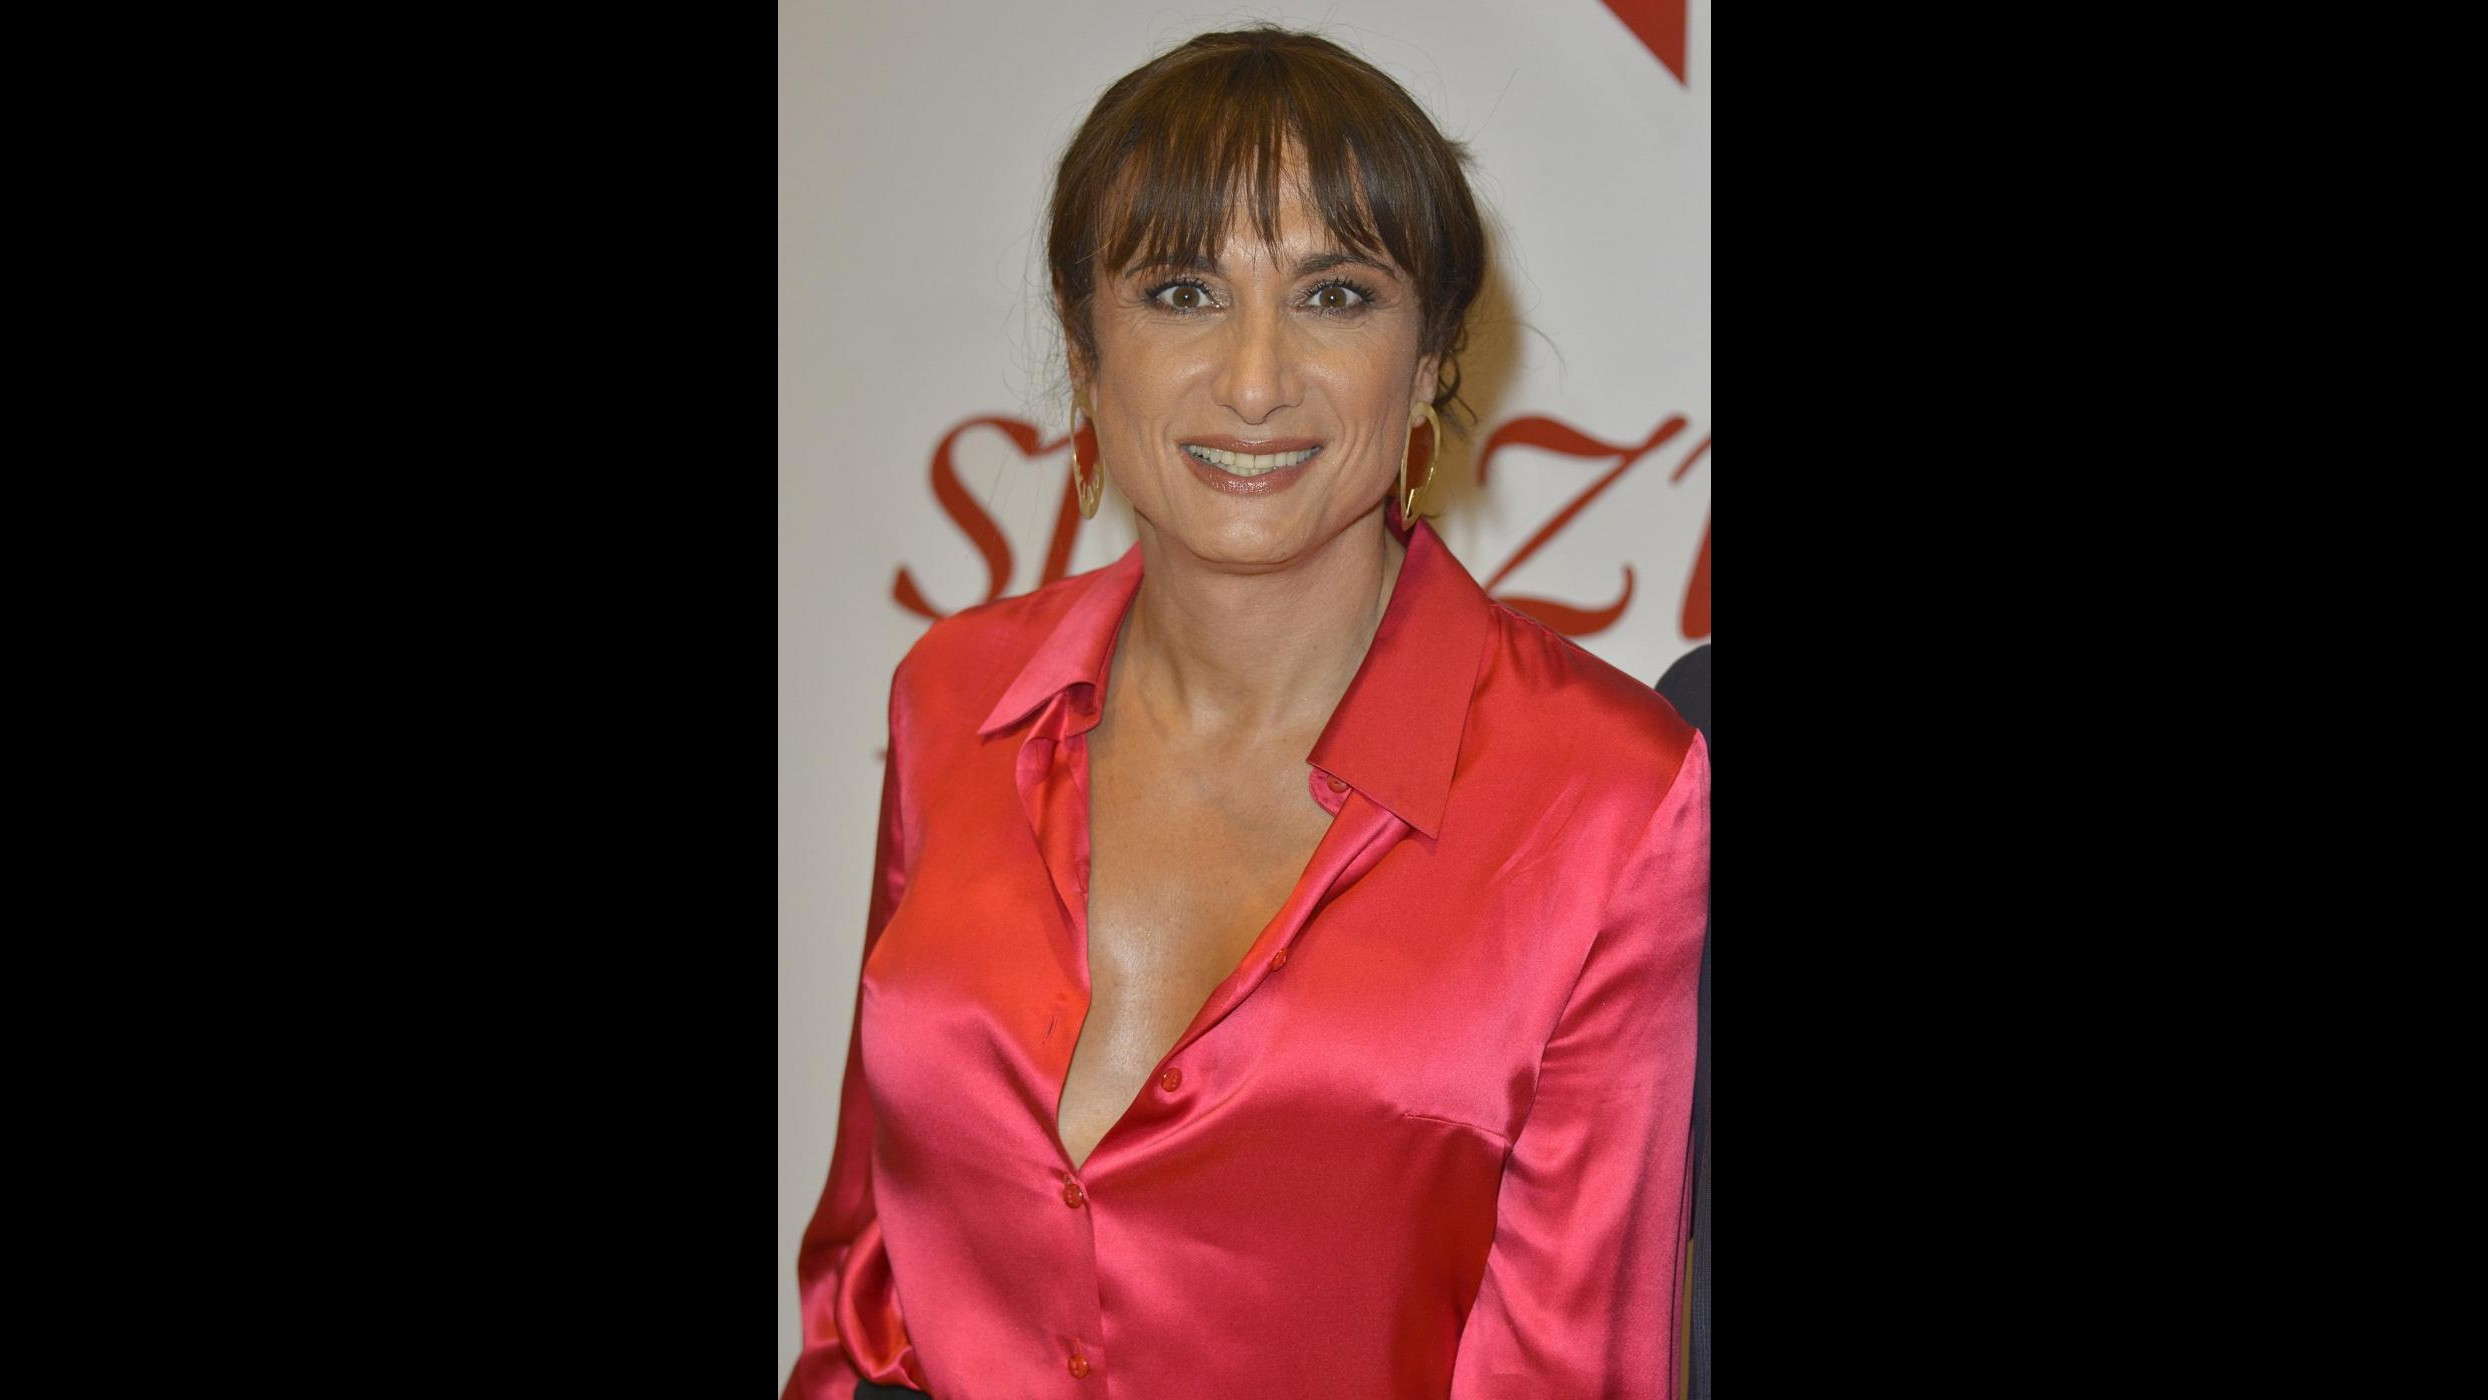 In romanzo Luxuria dà addosso a conduttrice tv. D'Urso: Non sono io